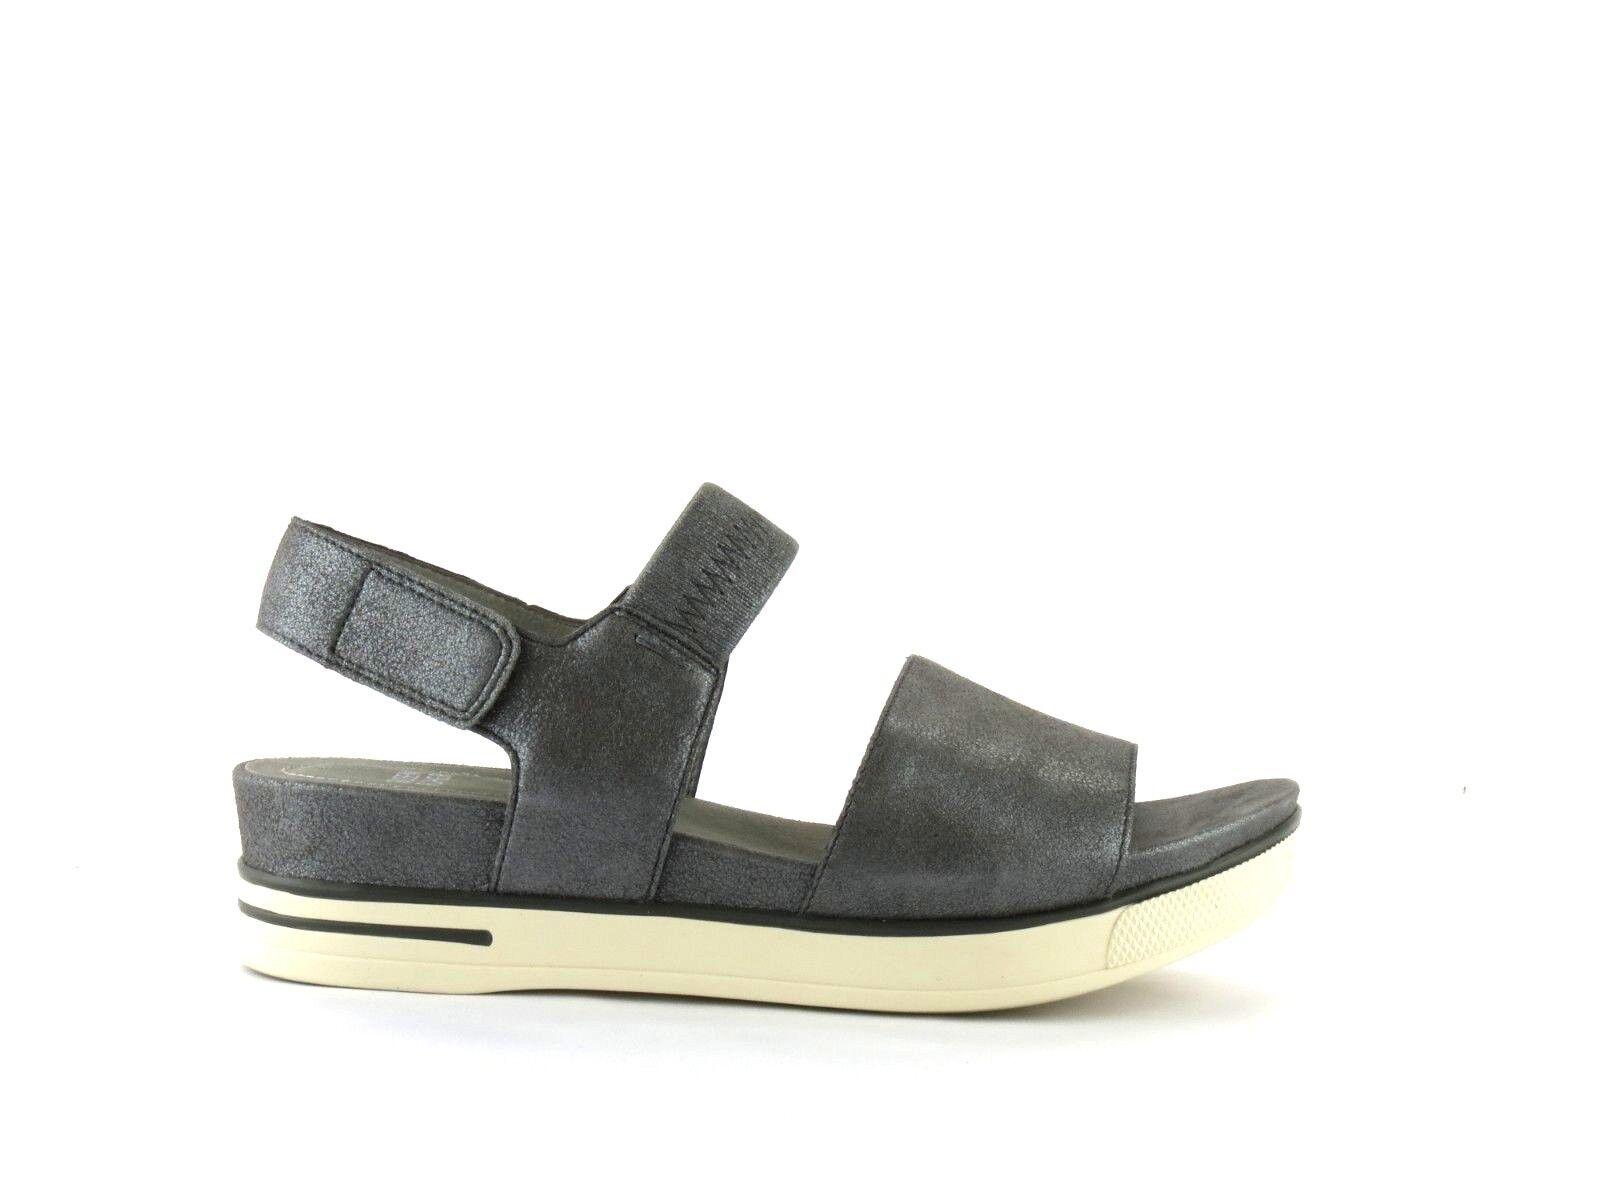 Eileen Fisher Somer Silver Metallic Suede Leder Leder Leder Platform Sneaker Sandale NEW 10 d7de55